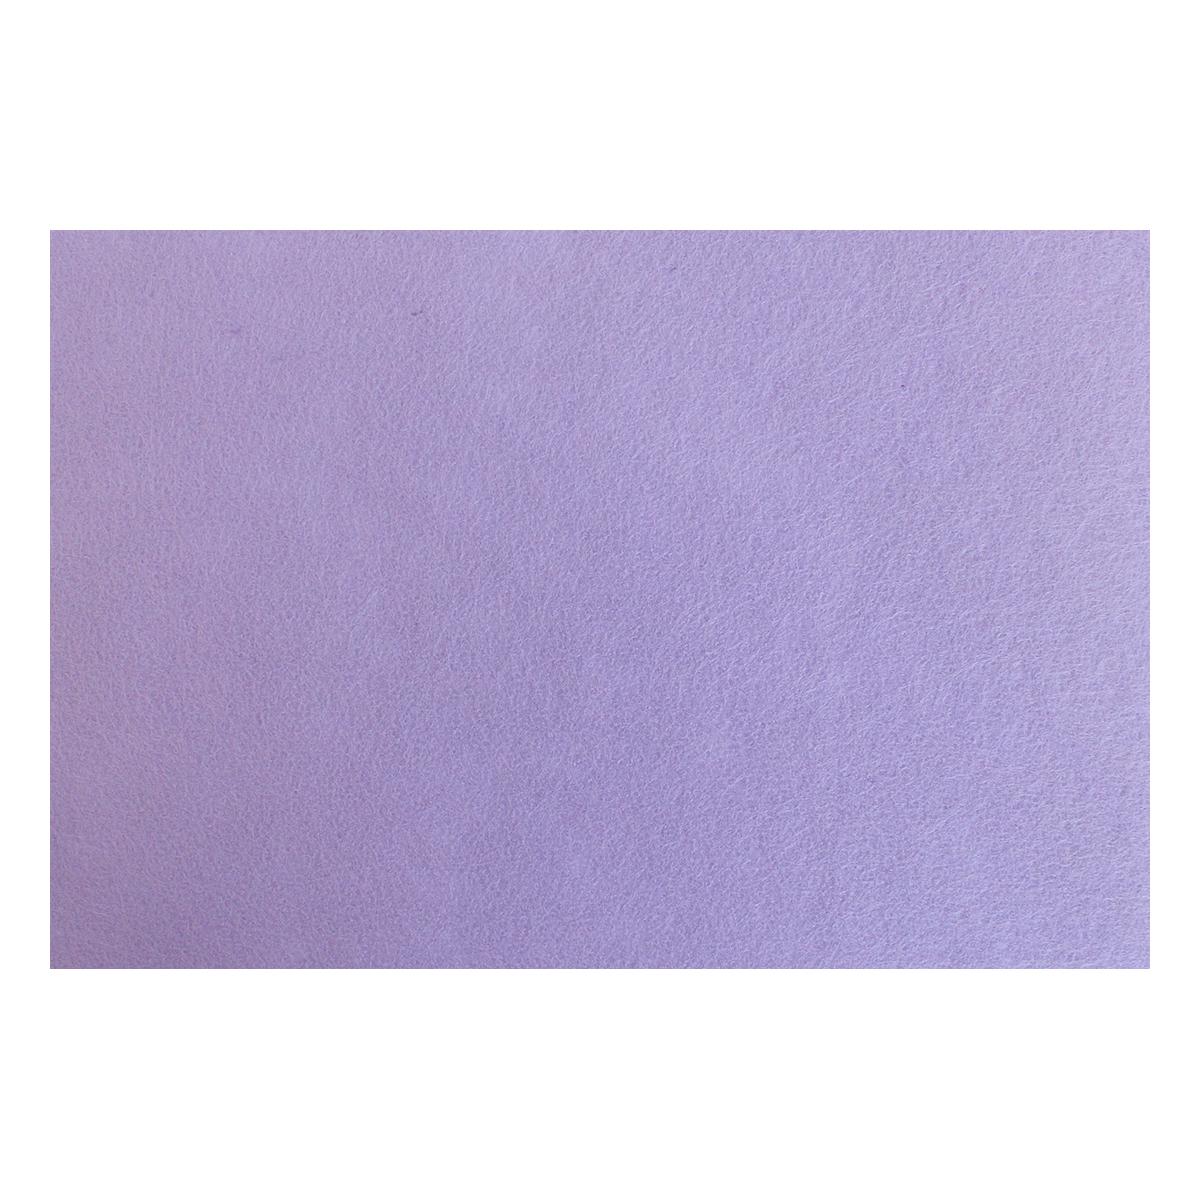 Фетр листовой Астра, цвет: сиреневый, 20 х 30 см, 10 шт фетр листовой декоративный астра божьи коровки 20 х 30 см 3 шт